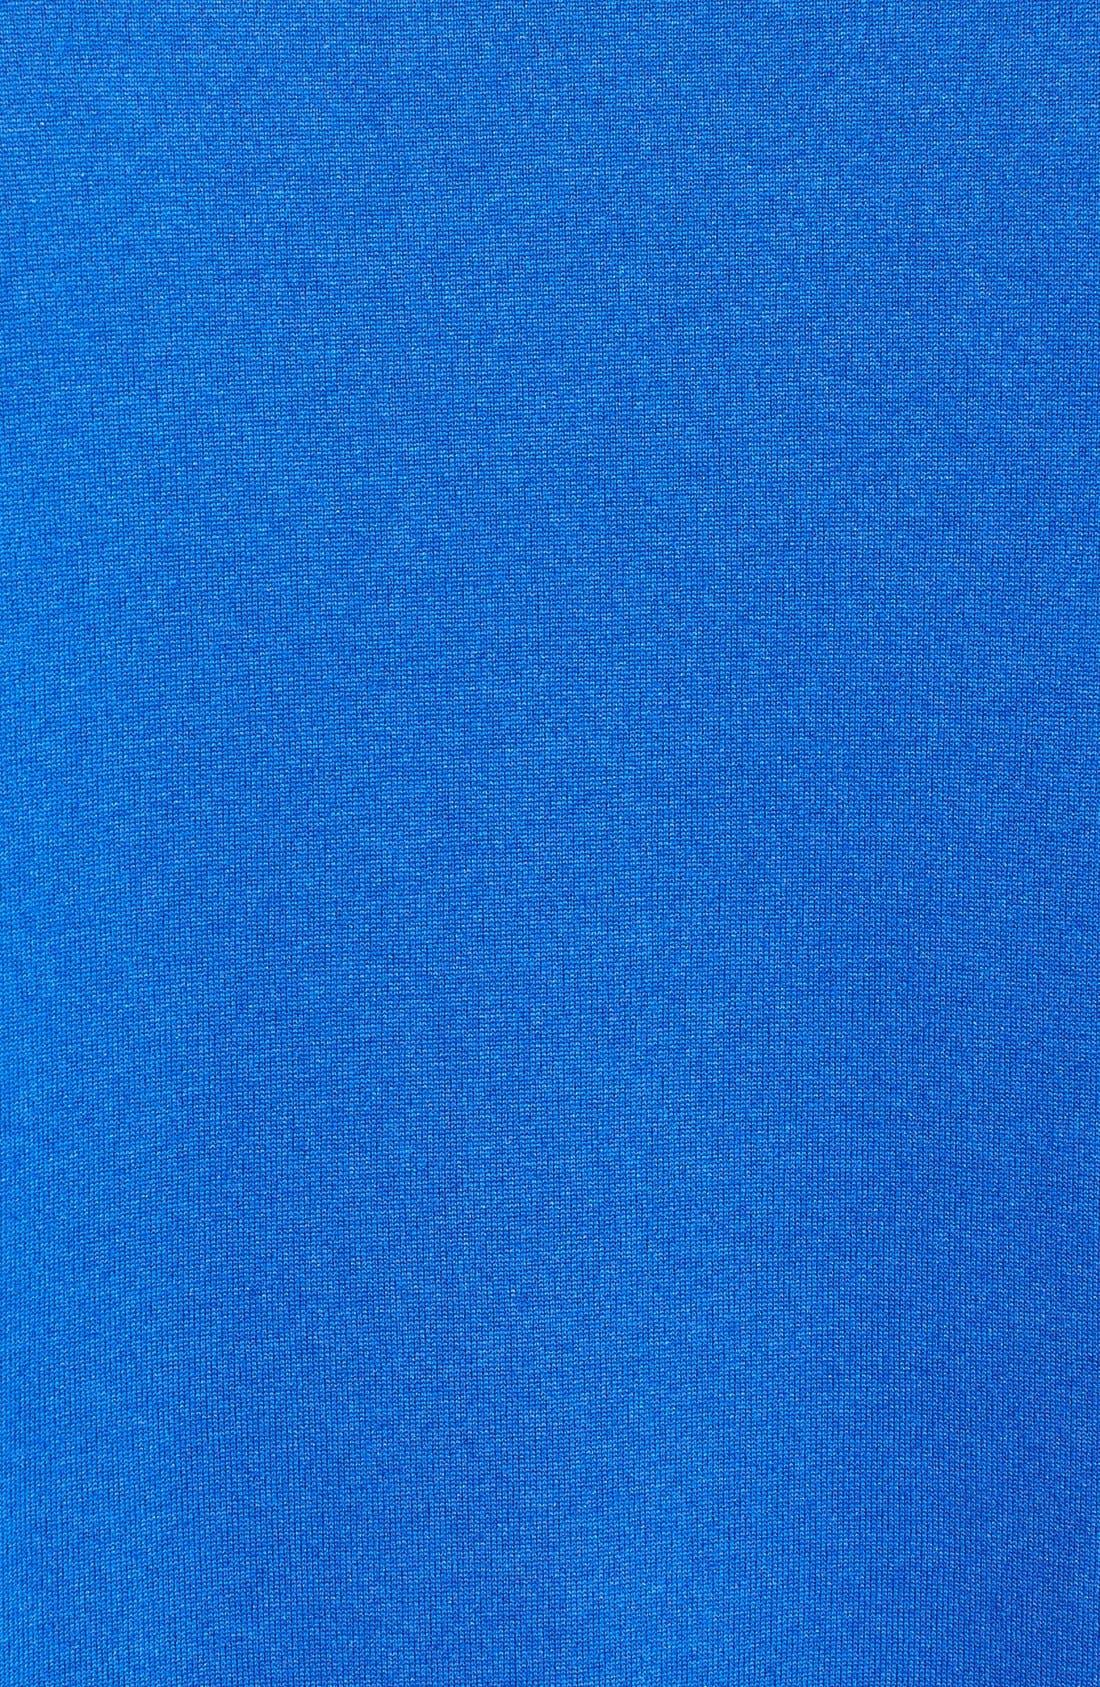 'Legend 2.0' Dri-FIT Training T-Shirt,                             Alternate thumbnail 10, color,                             GAME ROYAL/ BLACK/ BLACK